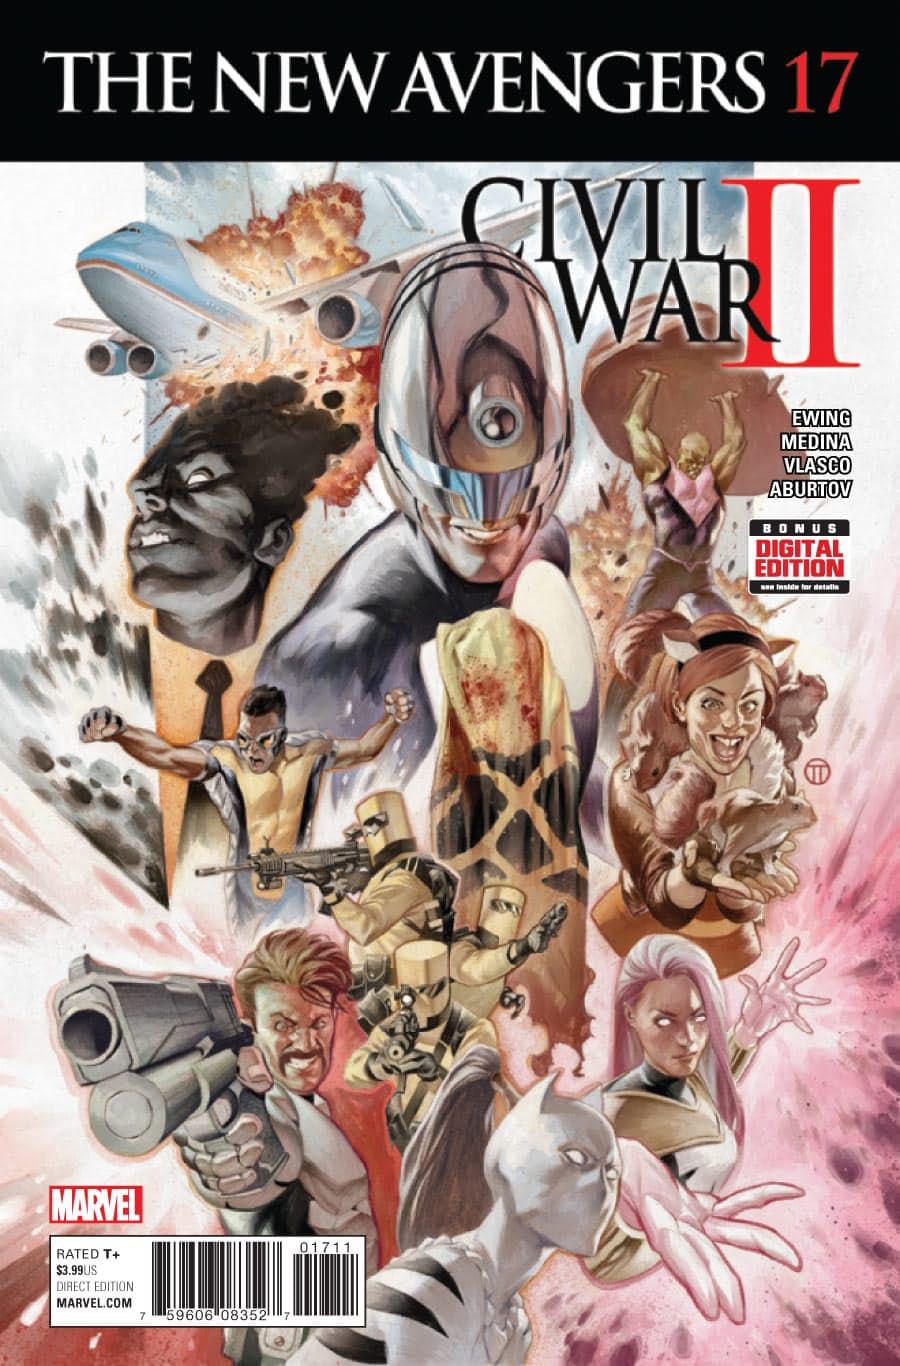 The New Avengers Vol 4 #17. Por Julian Totino Tedesco.